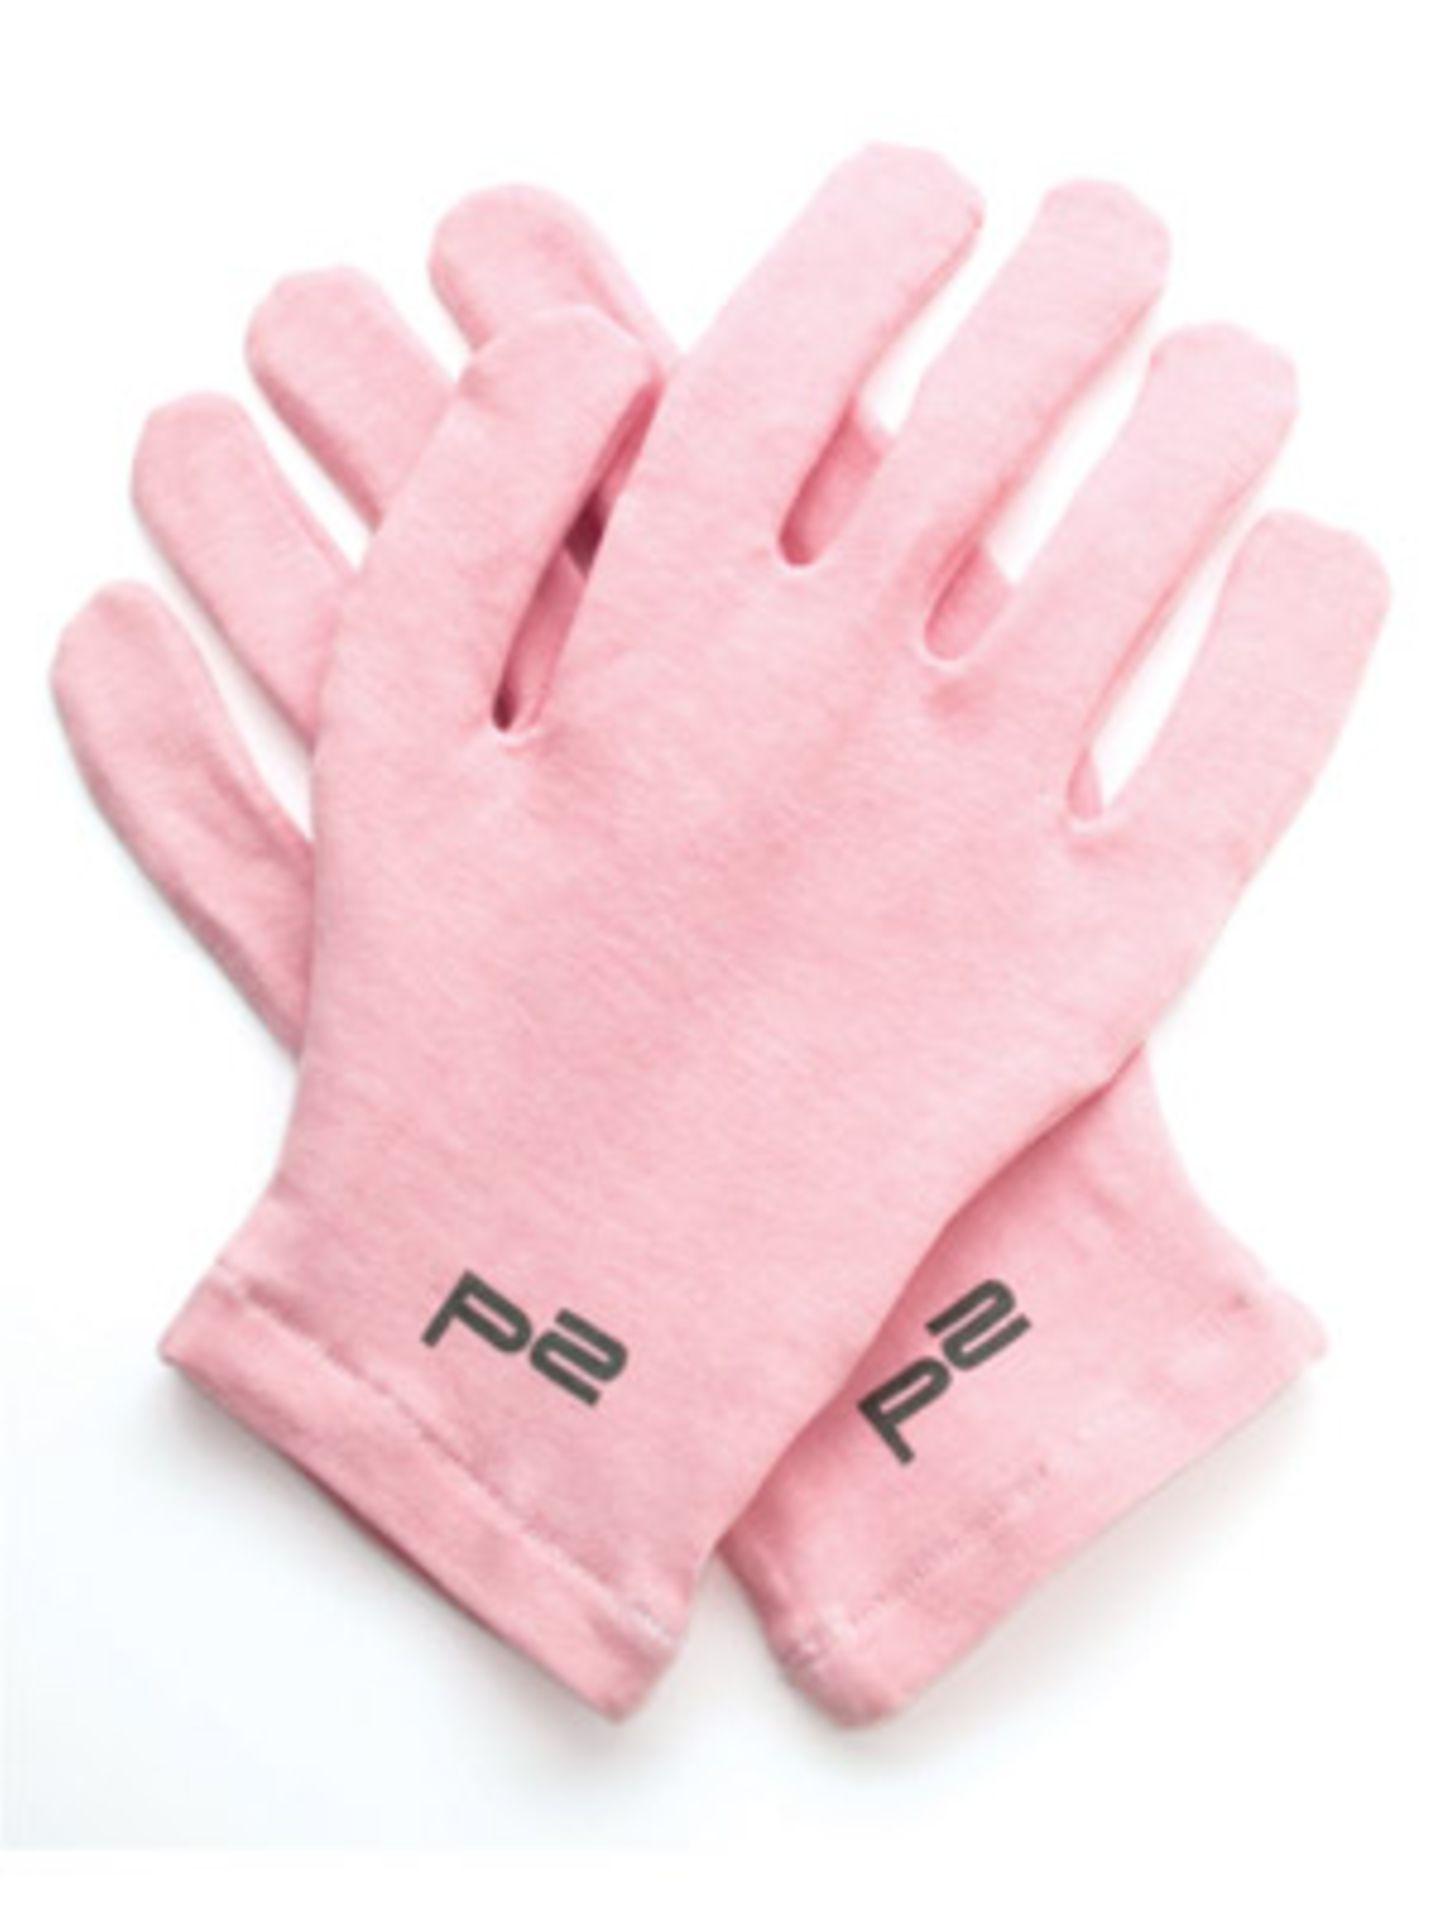 Handschuhe für extra weiche Hände im Schlaf von P2, um 2 Euro.